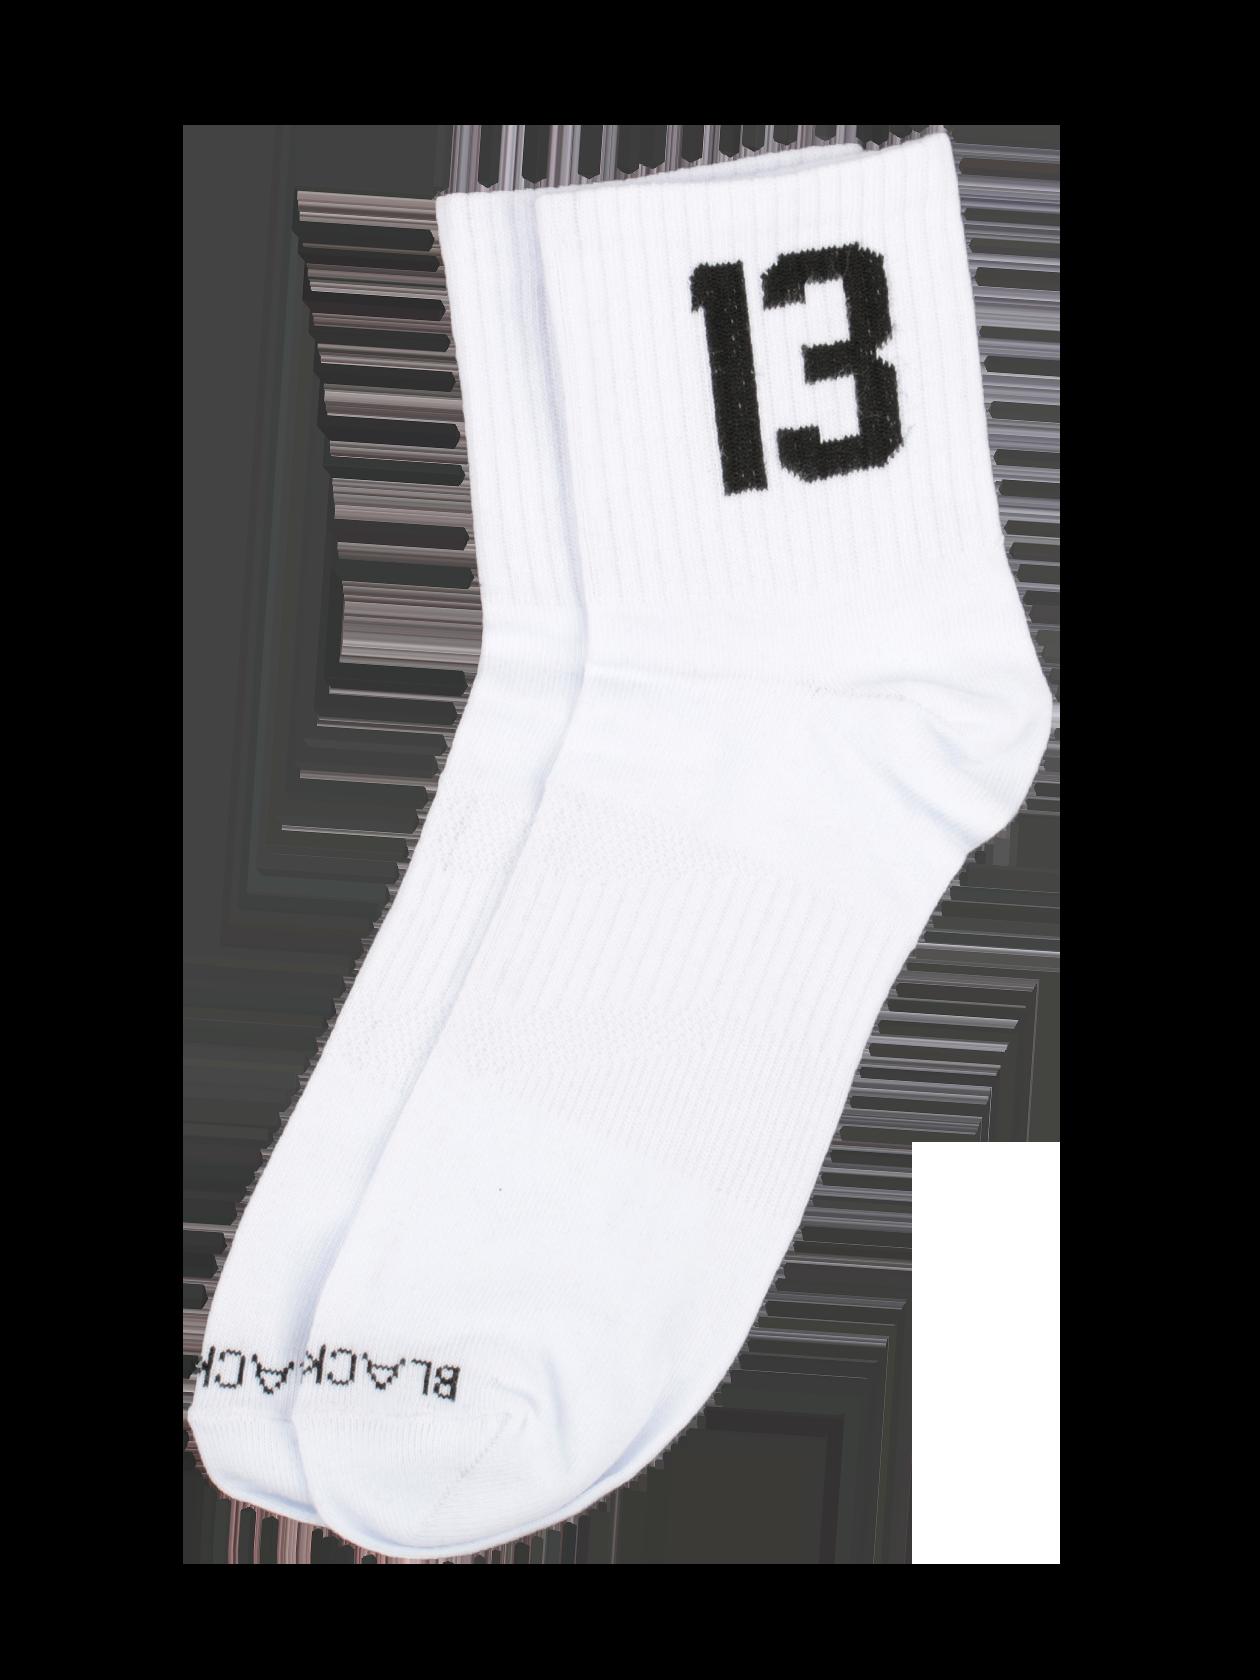 Носки унисекс 13 SPORT (3 шт)<br><br>Размер: 41/42<br>Цвет: Серый/Черный/Белый<br>Пол: Унисекс